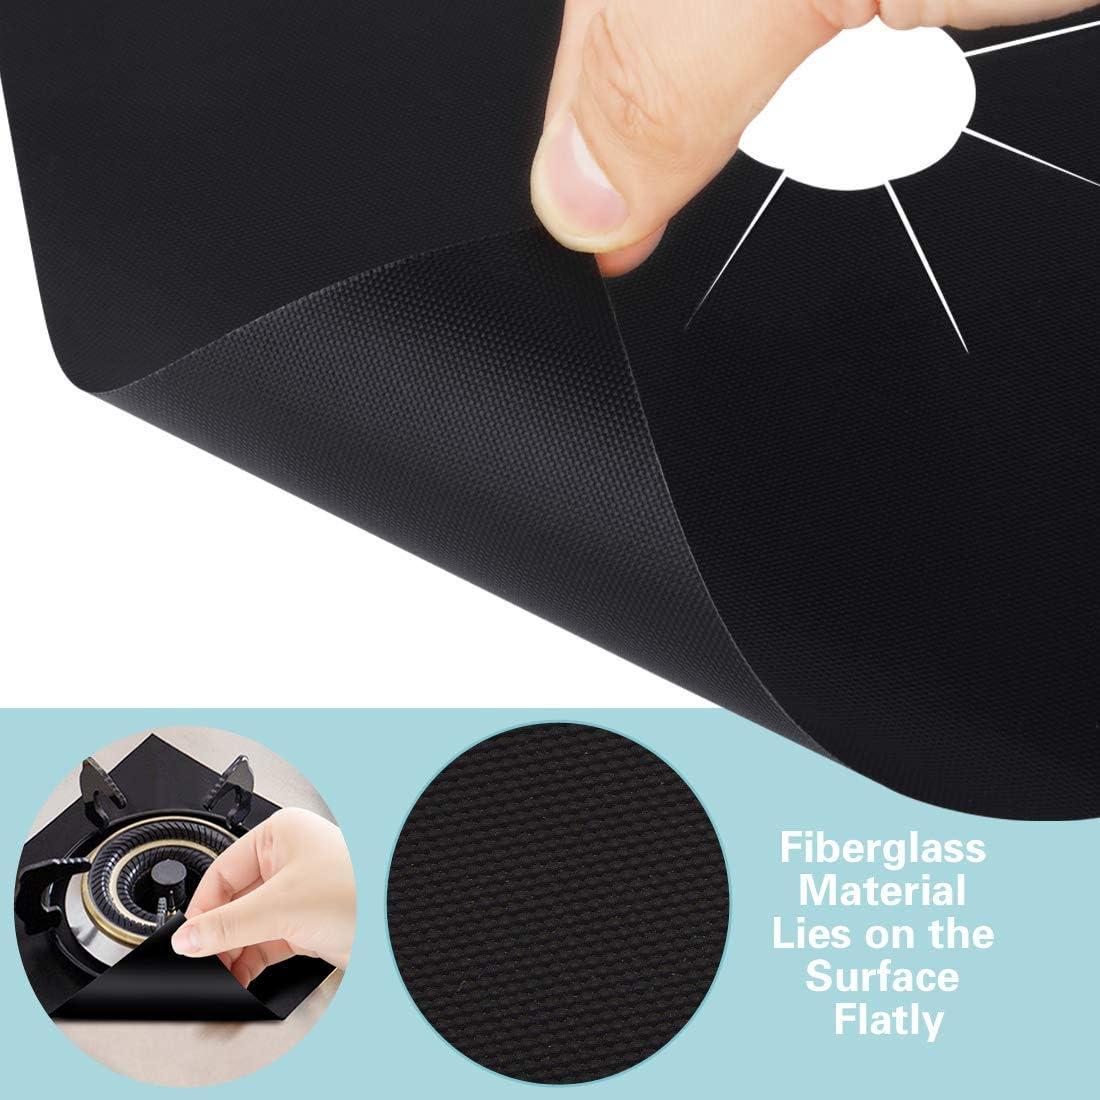 TAOPE Lot de 8 housses de protection pour br/ûleur /à gaz r/éutilisables anti-adh/ésifs et r/ésistants /à la chaleur Noir 26,9 x 26,9 cm